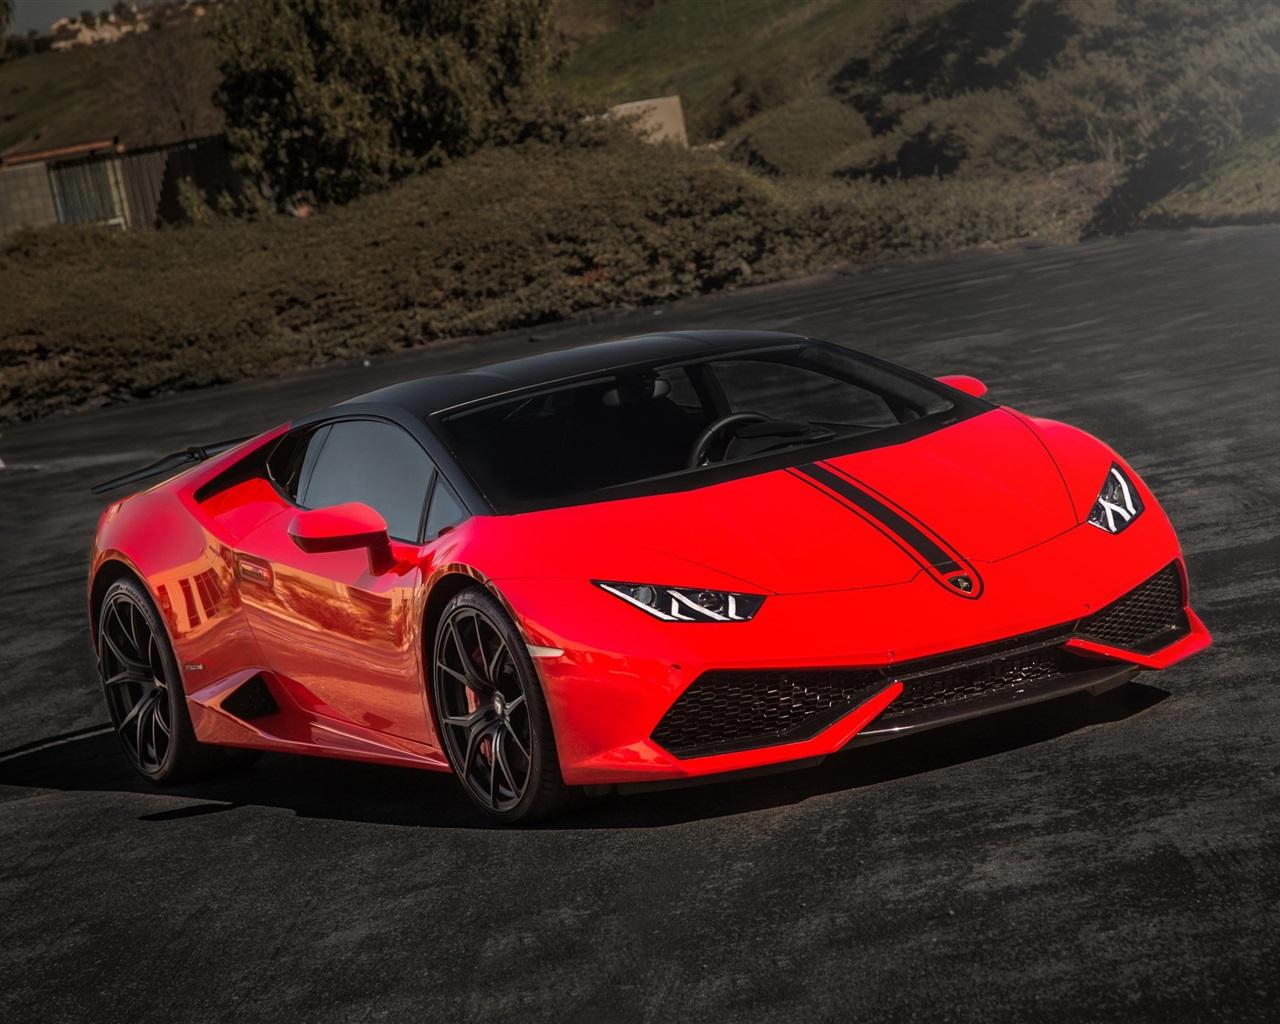 Lamborghini Huracan, supercar rouge Fonds d'écran | 1280x1024 Fonds d ...